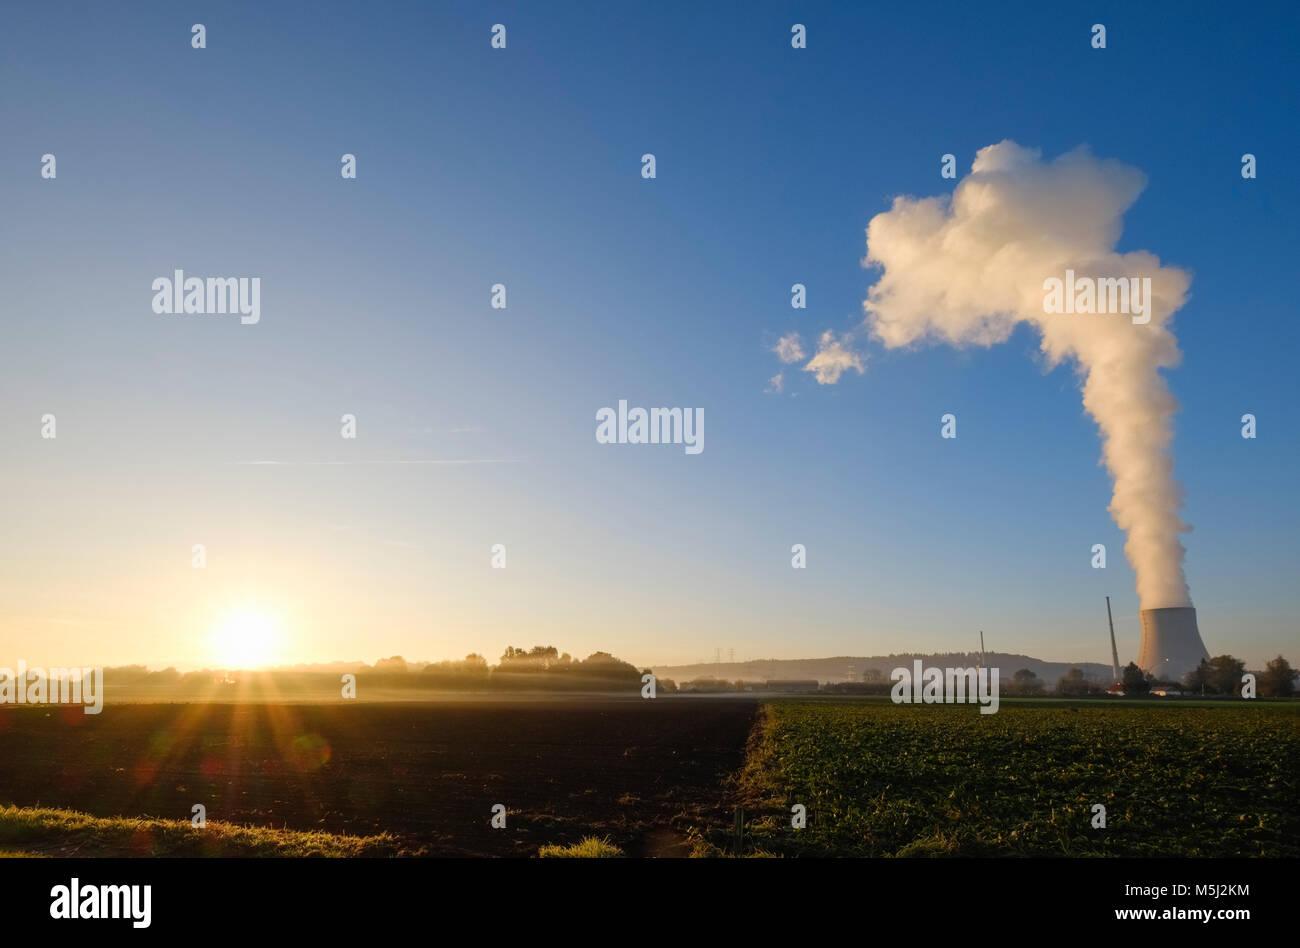 Dampfwolke aus Kühlturm, Sonnenaufgang, Kernkraftwerk Isar, Ohu, Niederbayern, Bayern, Deutschland - Stock Image